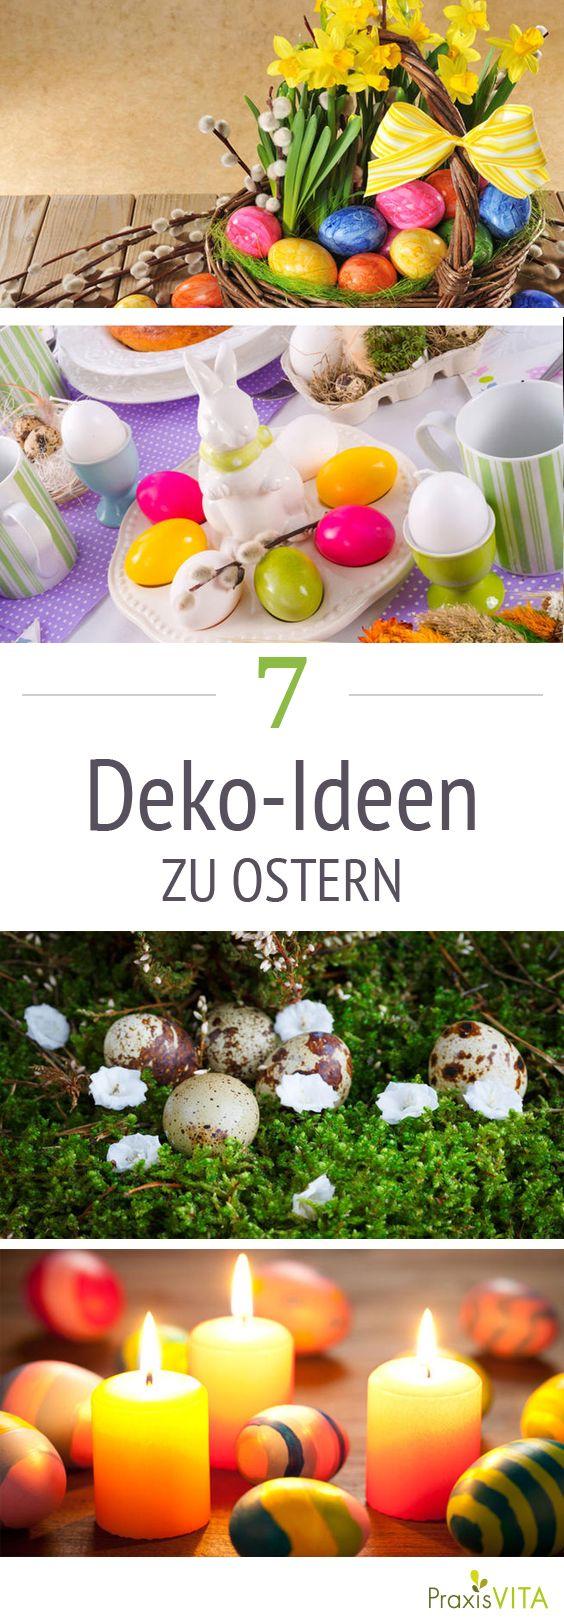 Vom Wohnungschmücken, Eierfärben bis zu Geschenken – wie Sie Ostern zum Fest für die ganze Familie machen.#Osterfest#Osterdeko#DIY